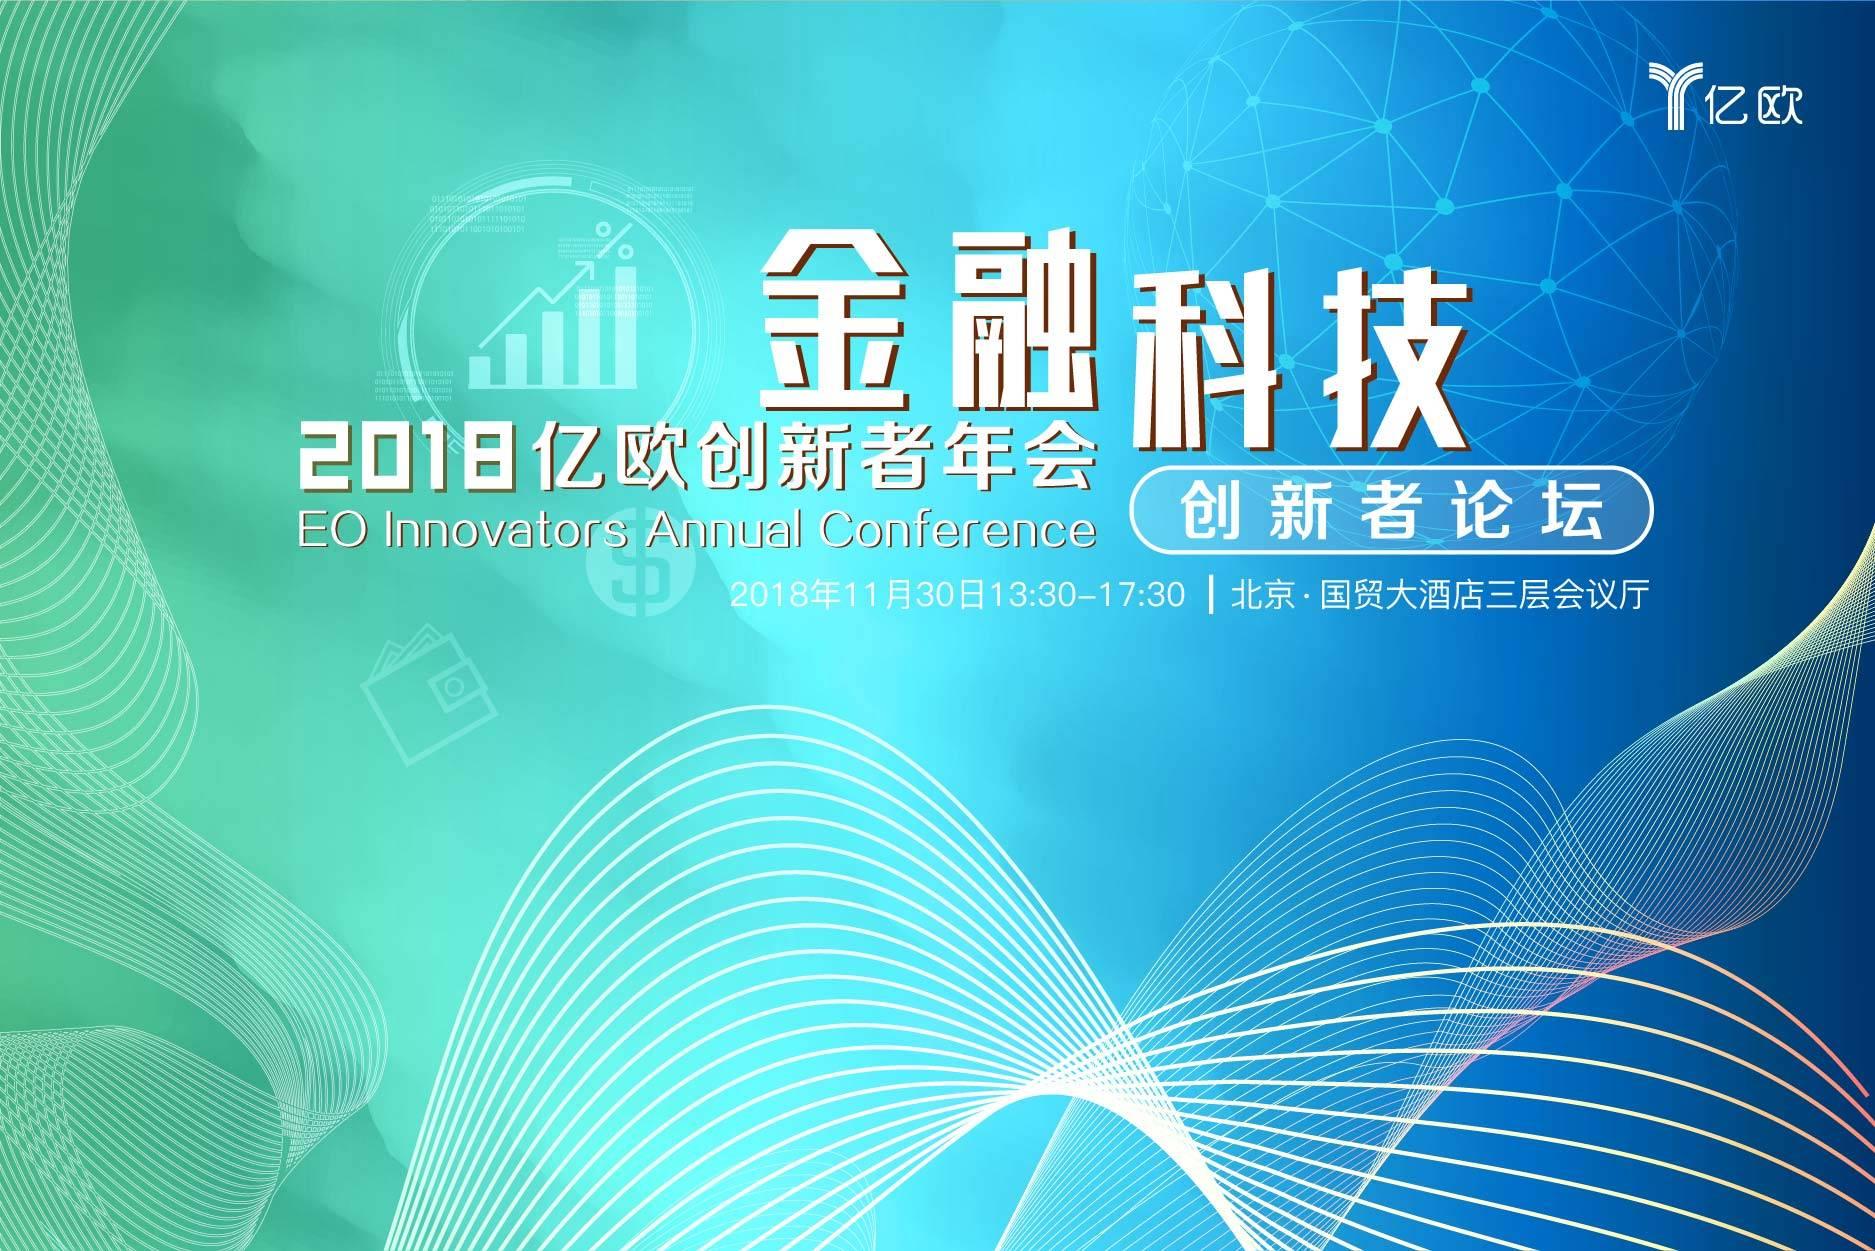 金融科技创新者论坛